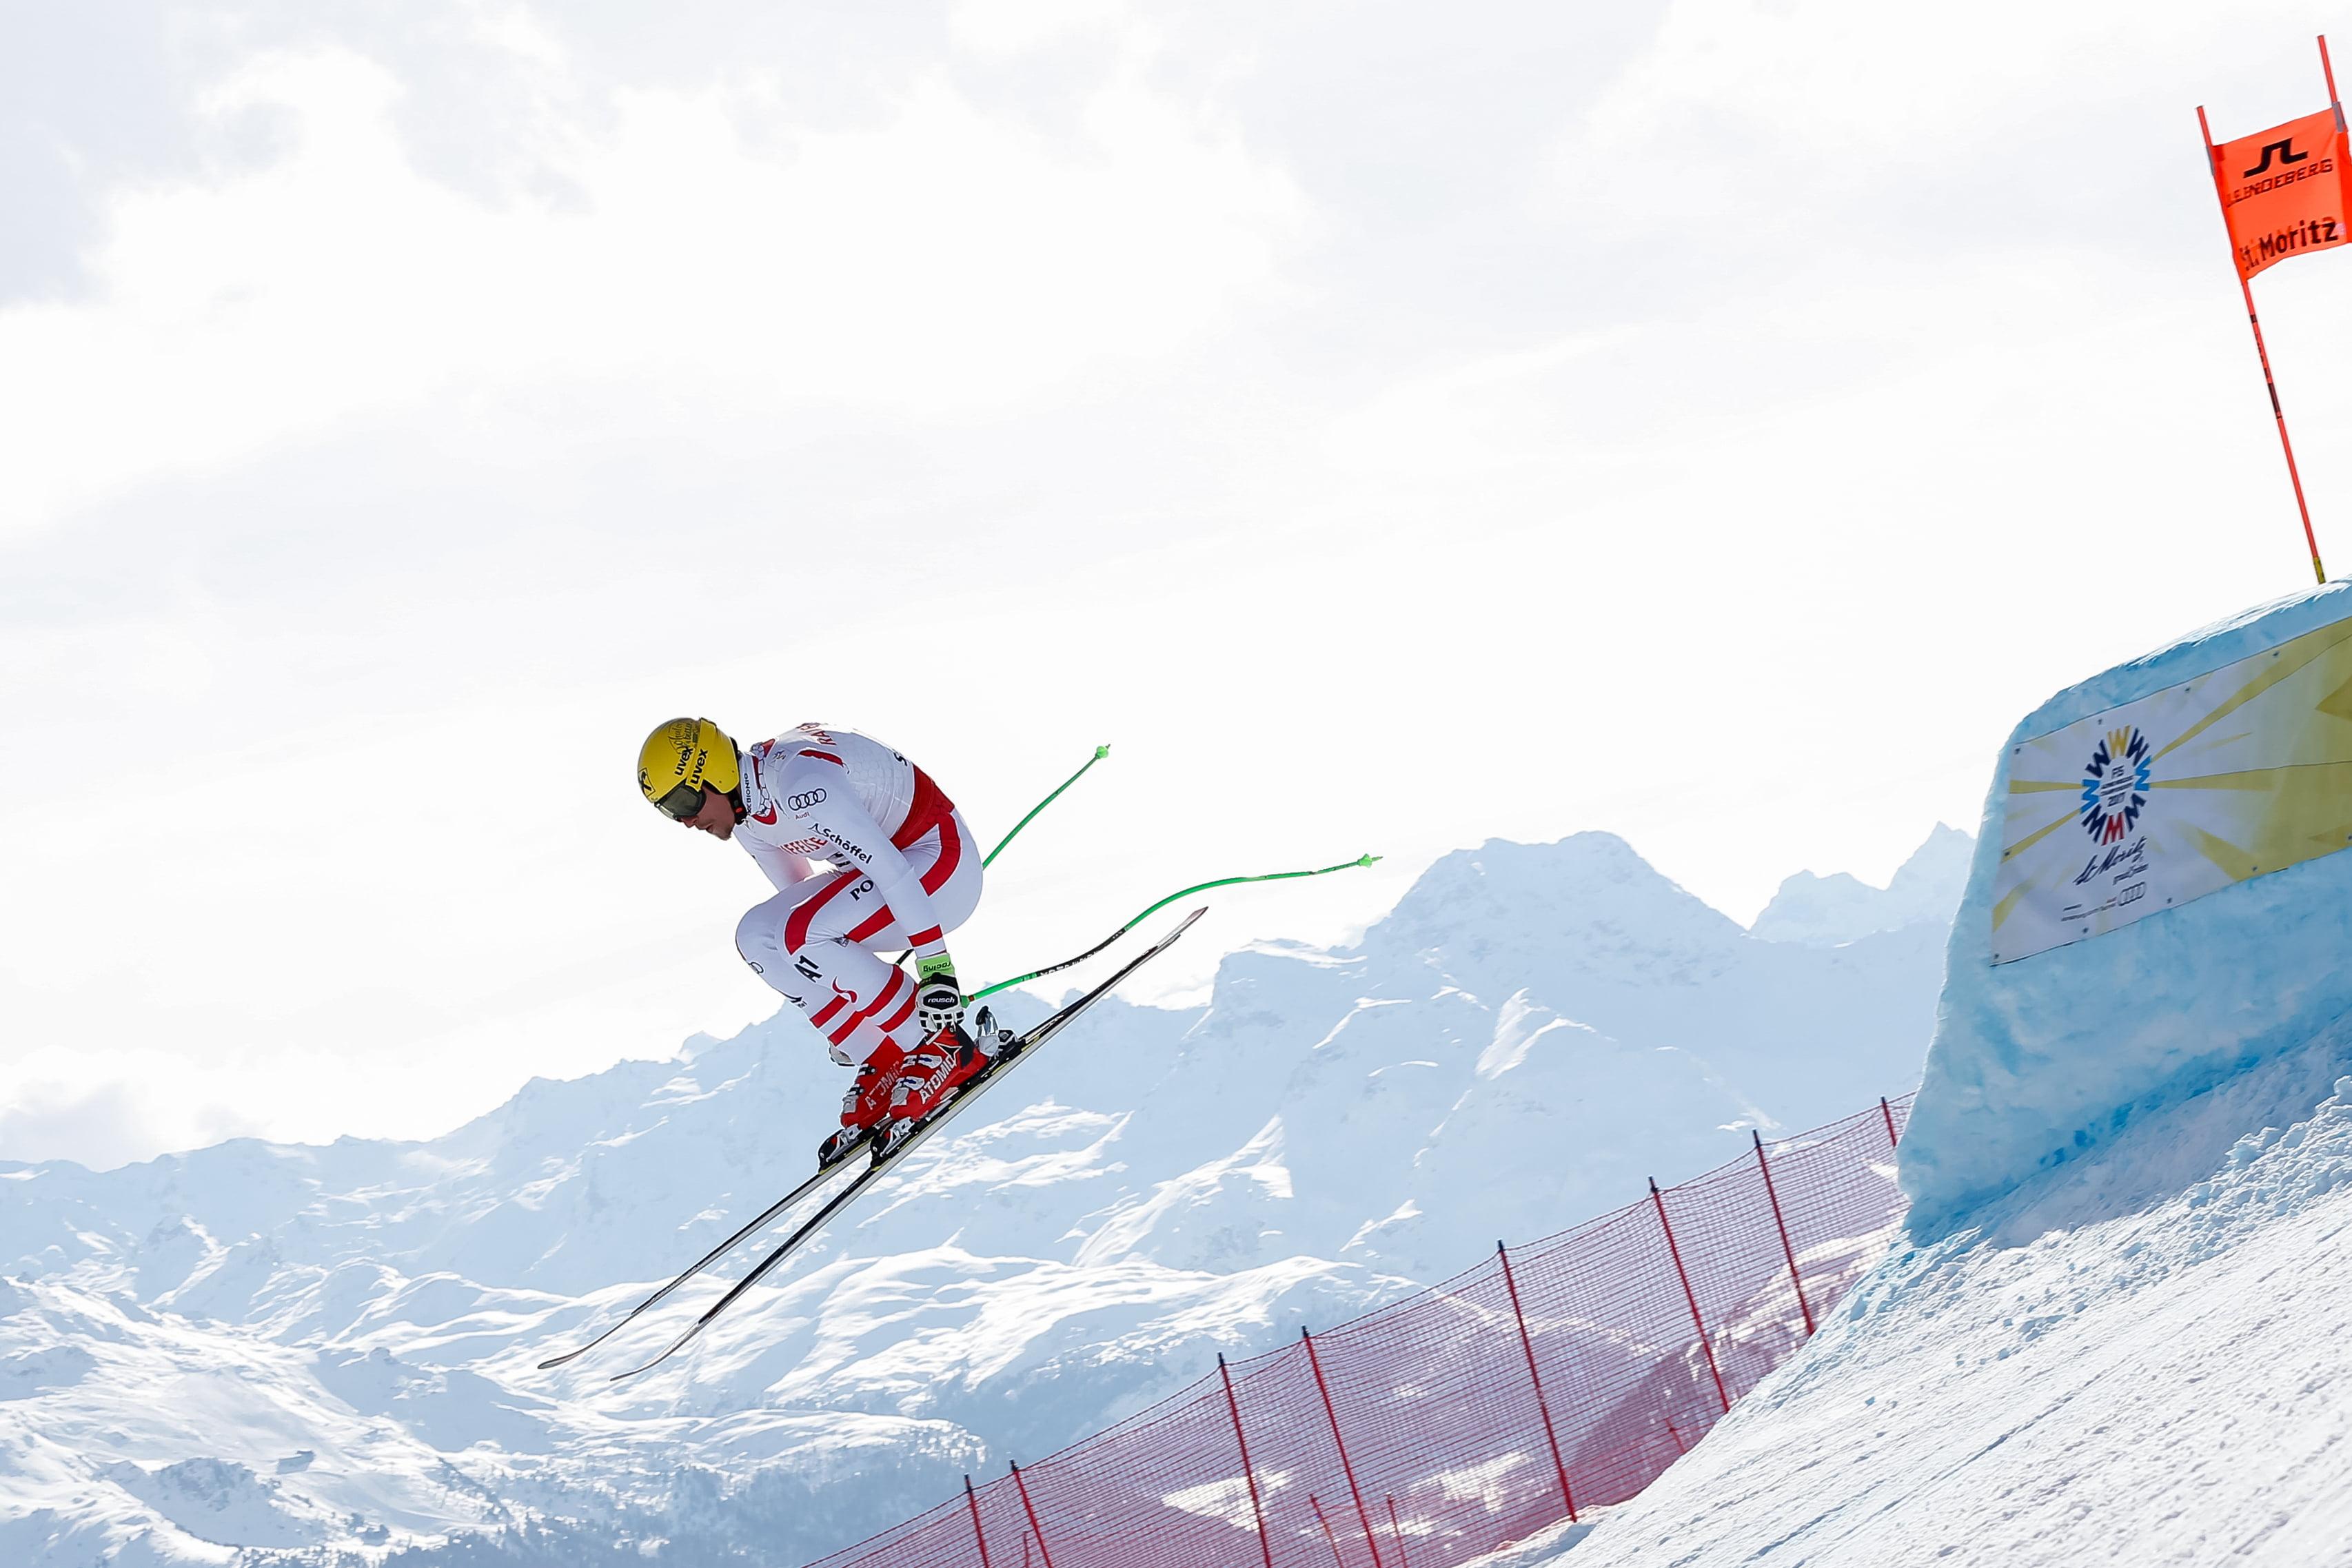 St. Moritz Ski World Championchips 2017